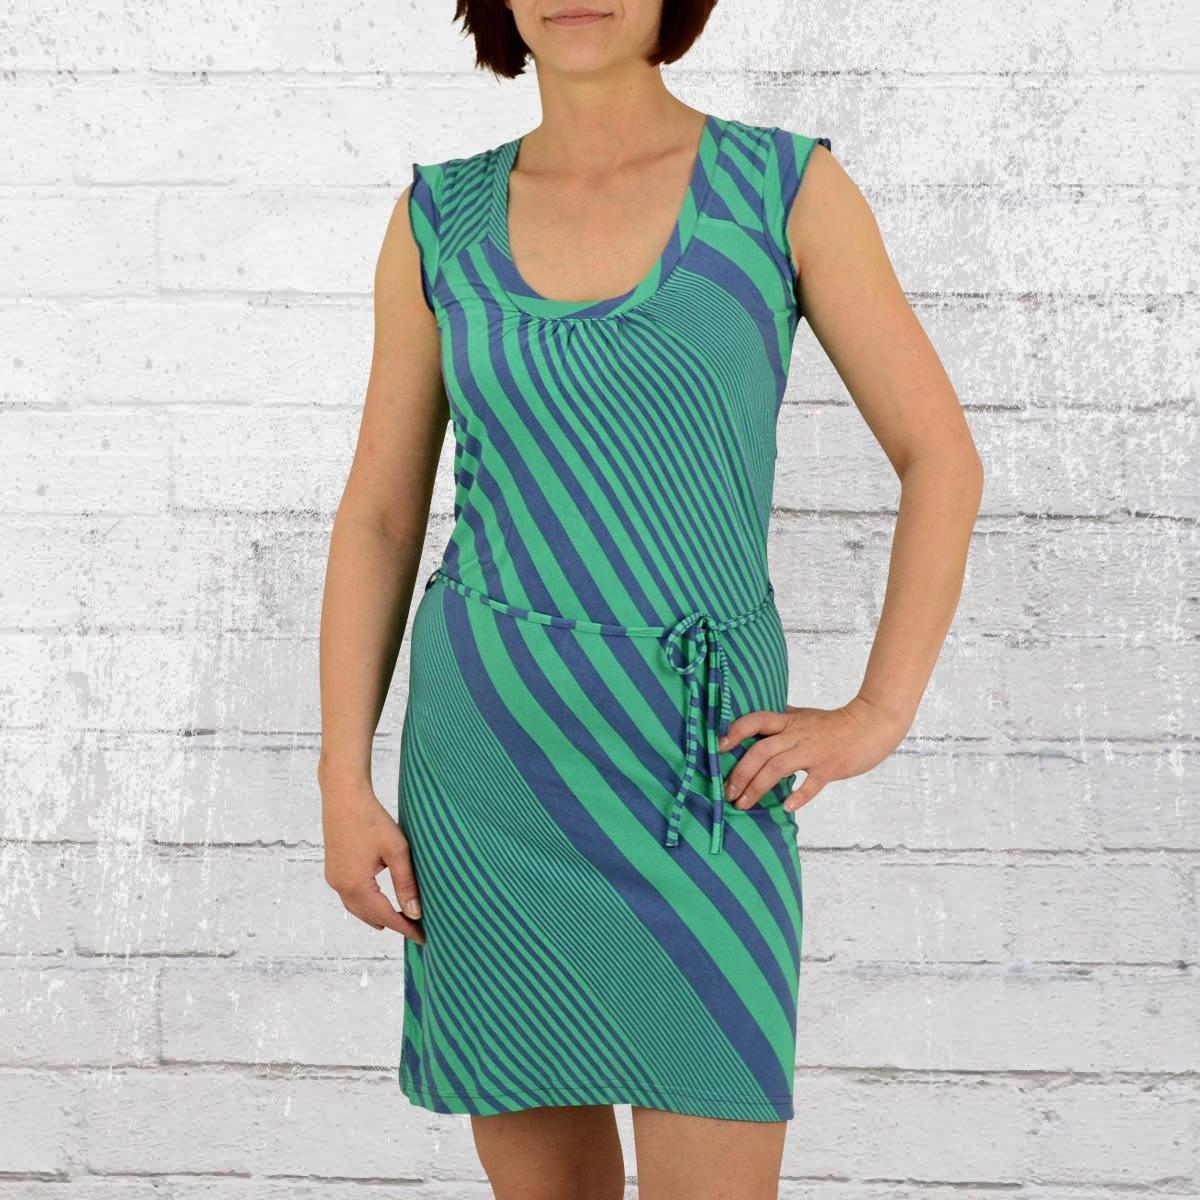 Erstaunlich Kleid Grün Blau Stylish Schön Kleid Grün Blau Boutique